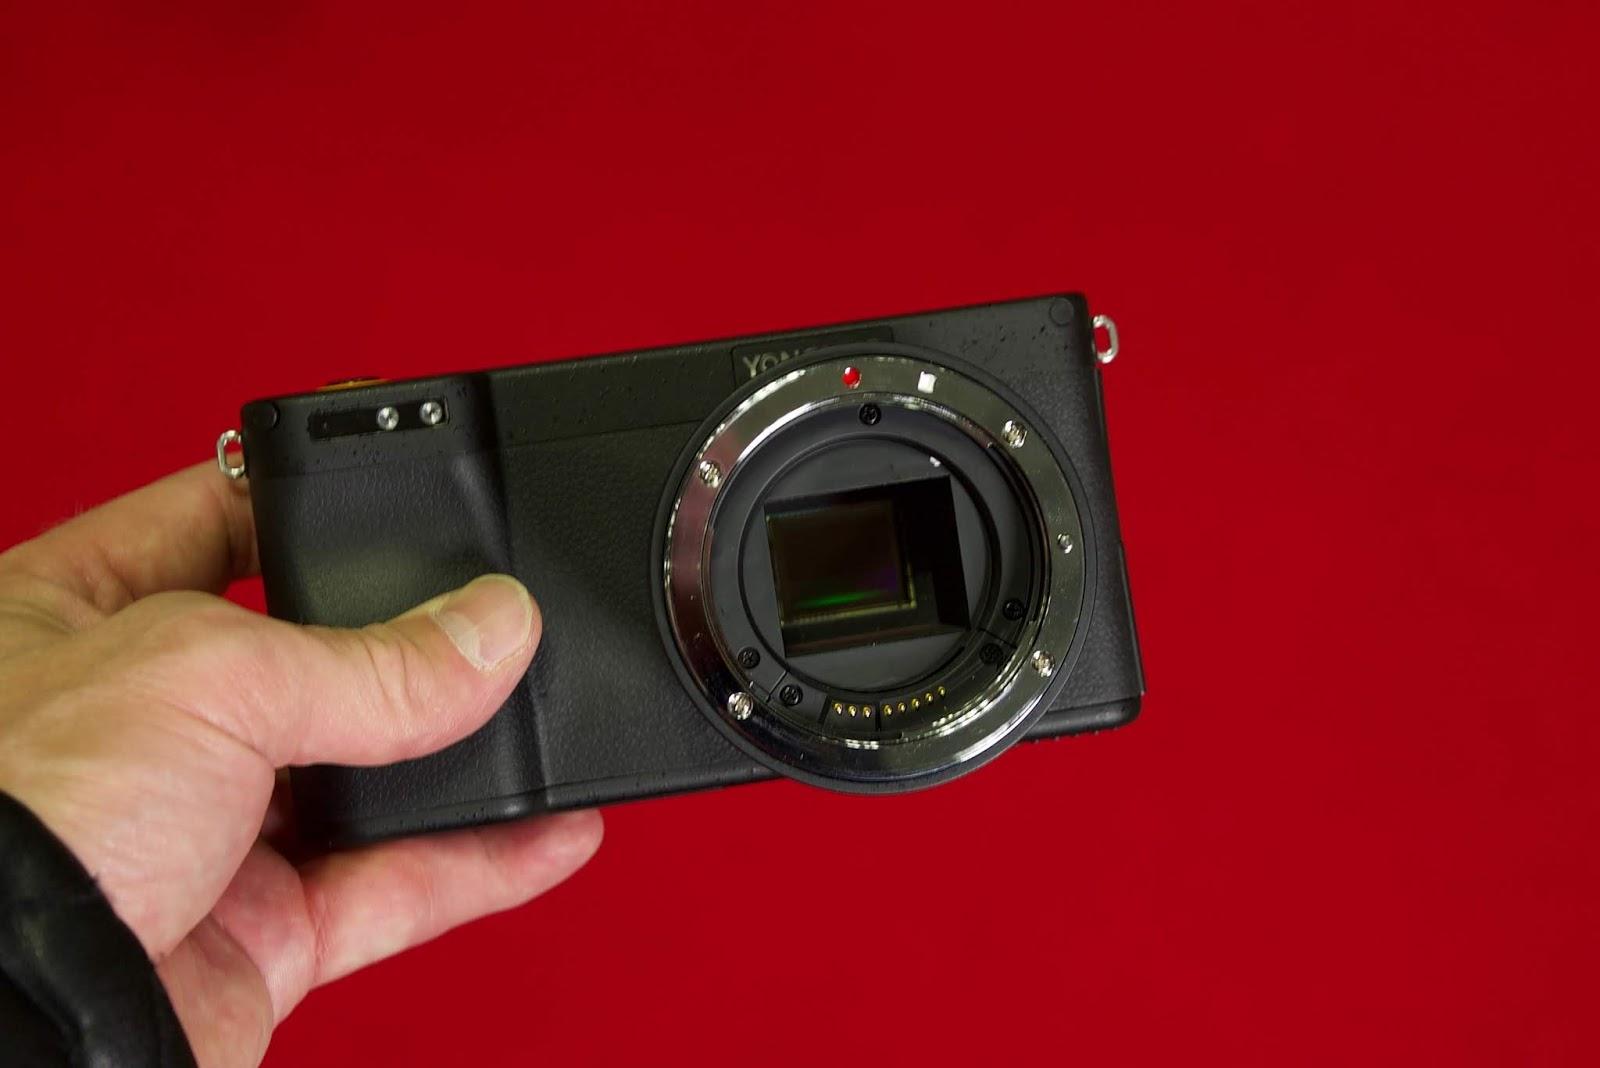 Камера Yongnuo YN450, вид спереди